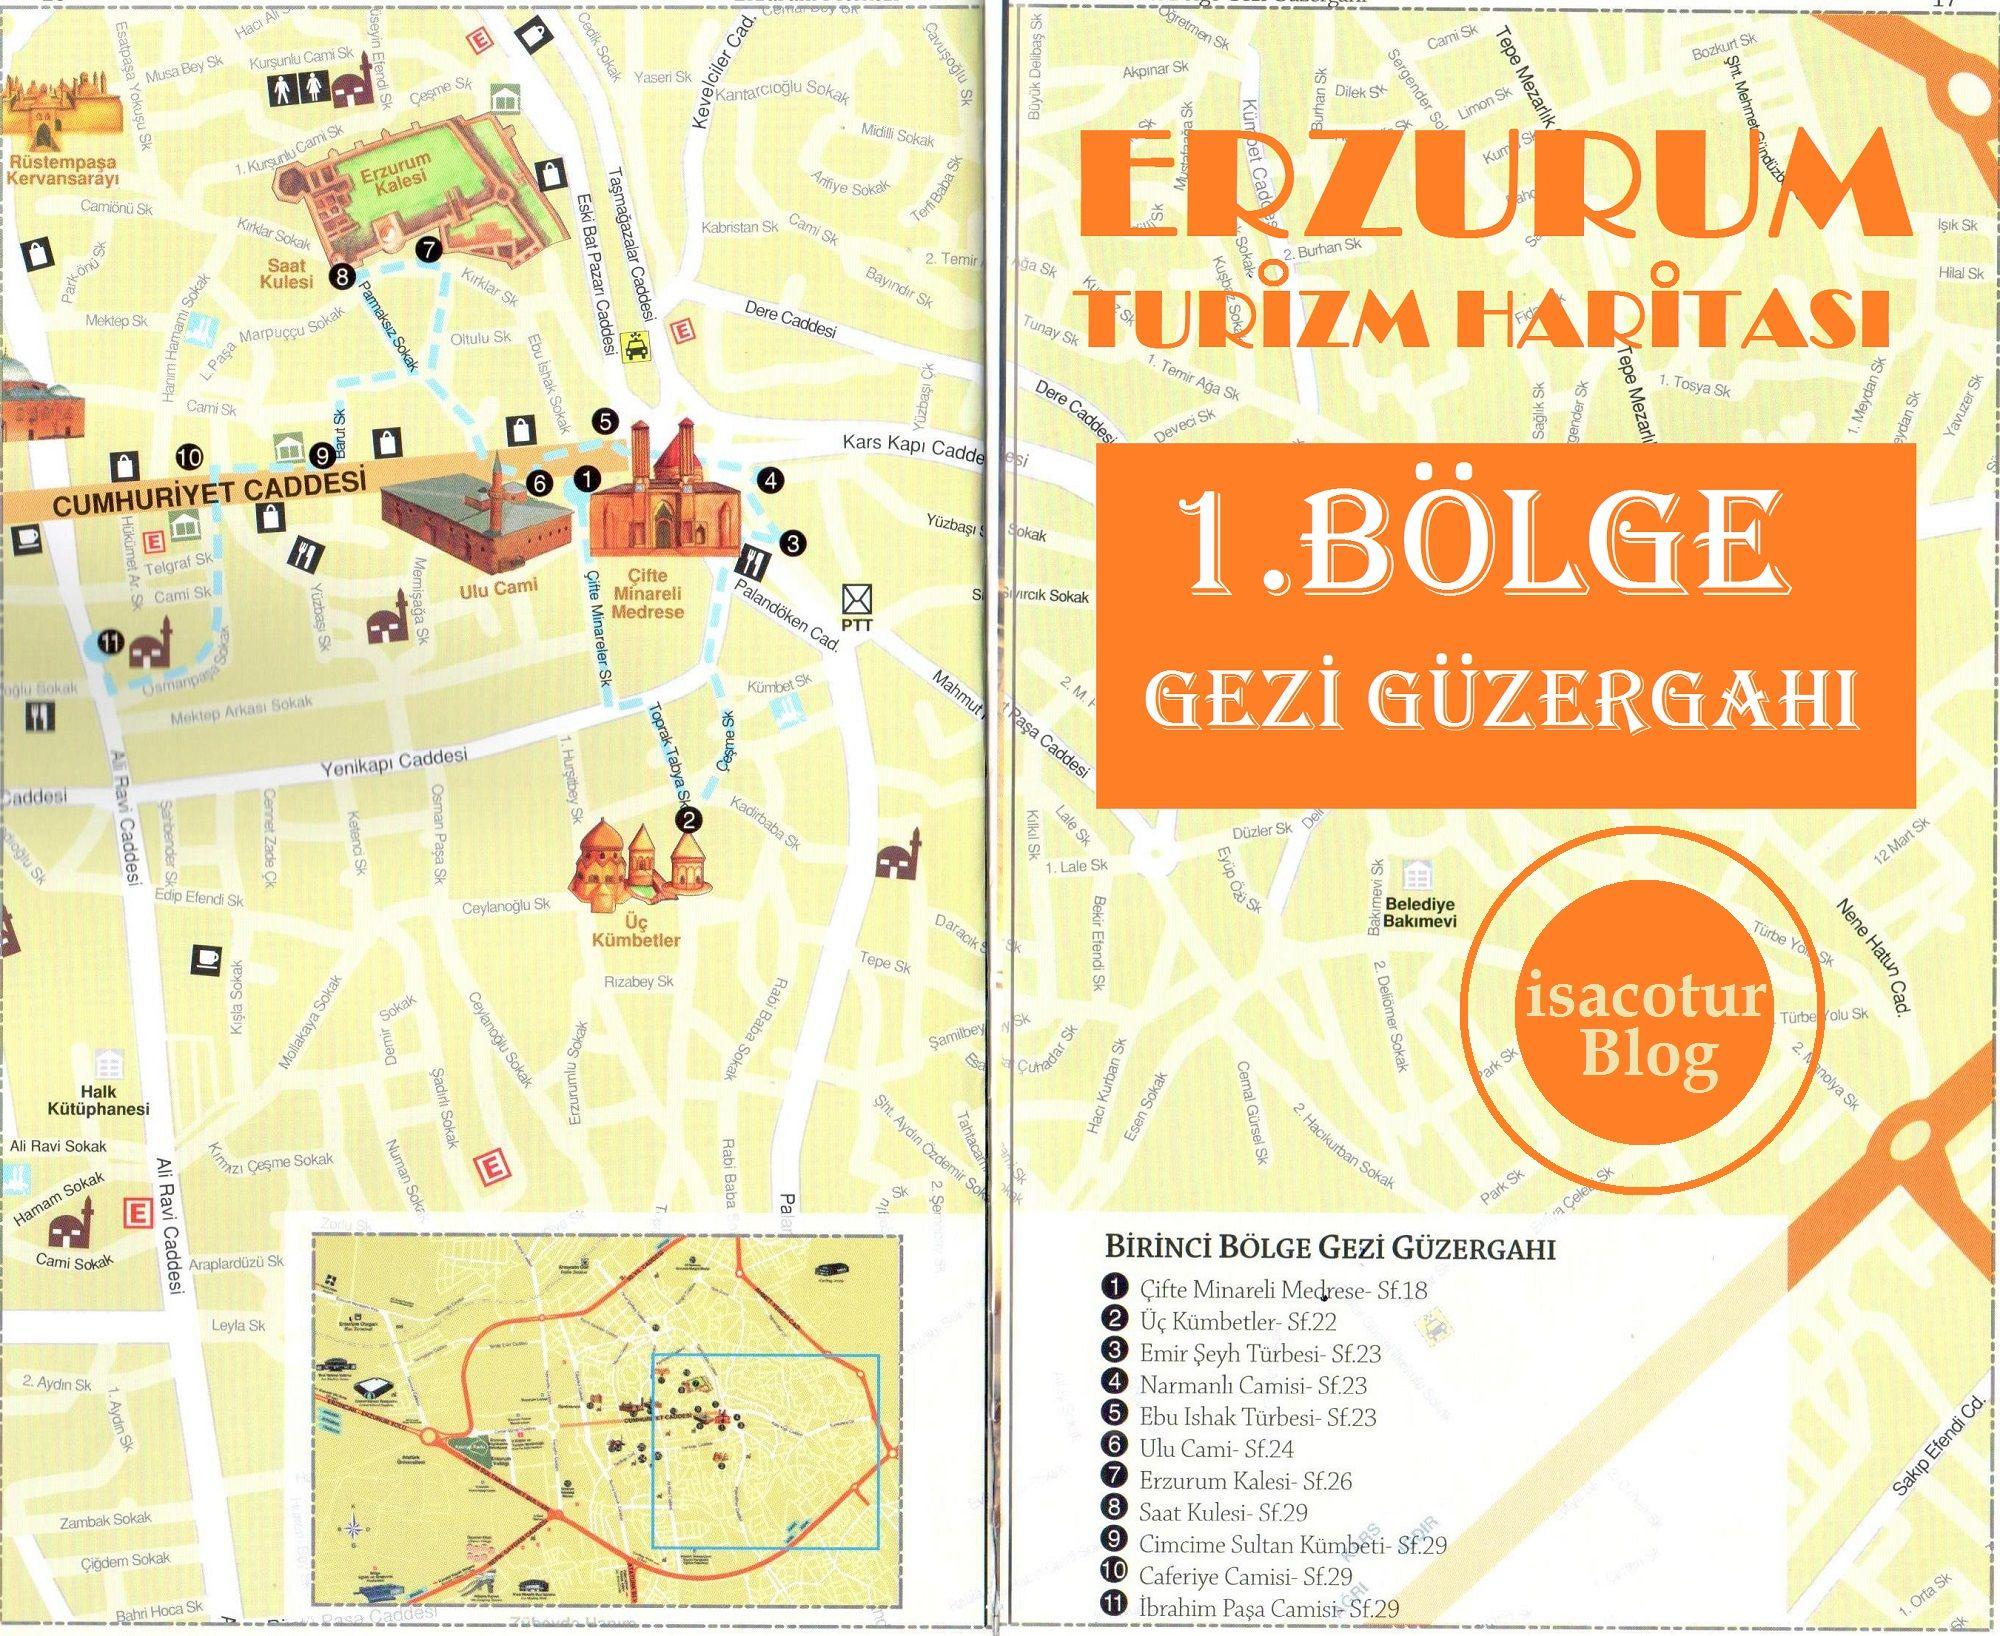 Erzurum Turizm Haritası 1.Bölge Gezi Güzergahı